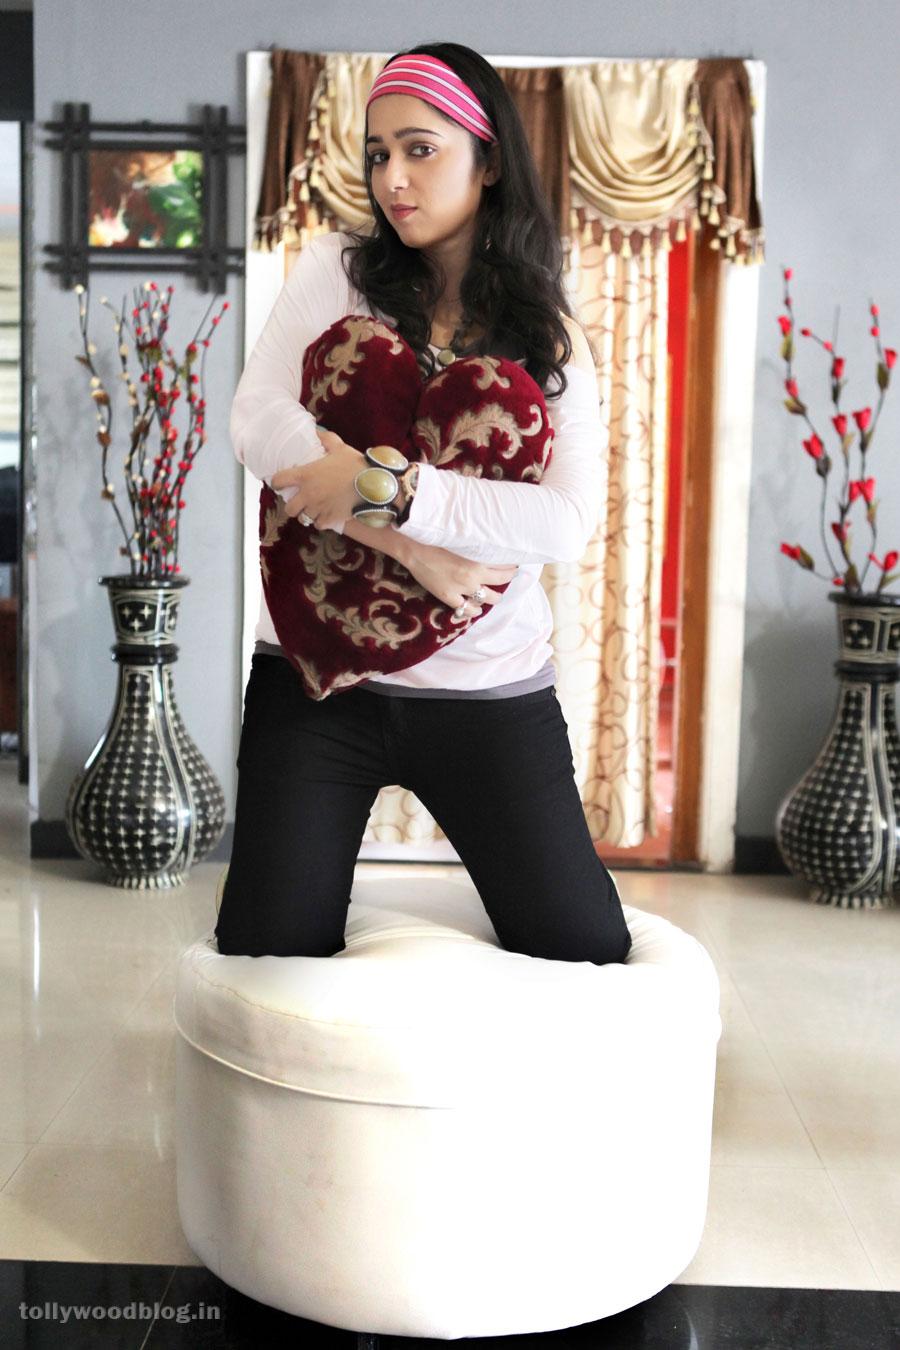 Charmi - Prema Oka Maikam Telugu Movie photos - Sabhot Blog